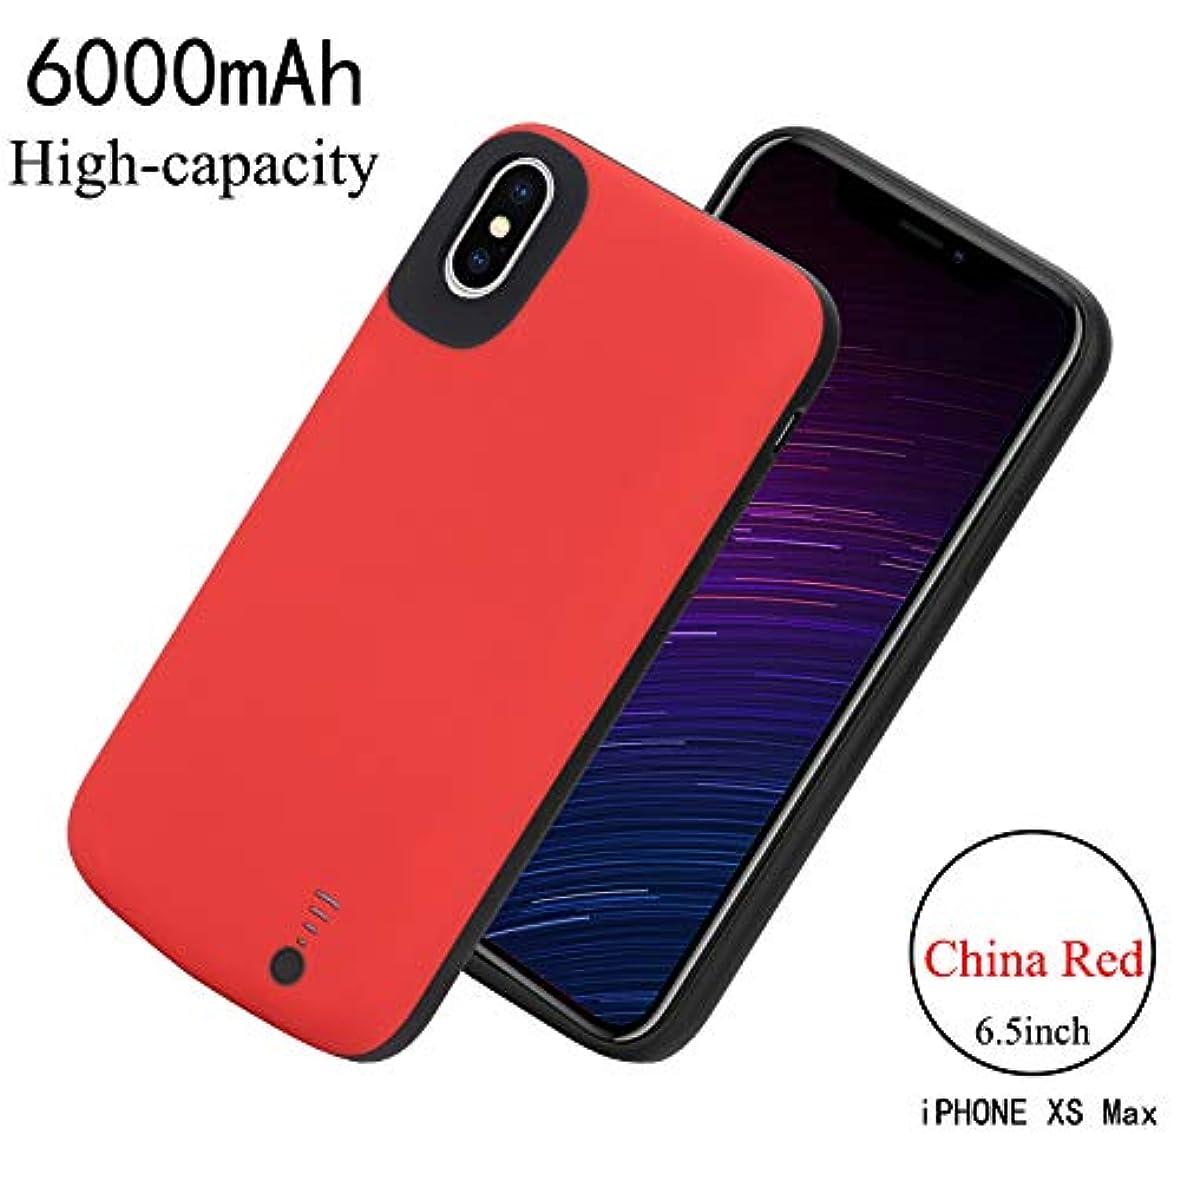 正義指定うそつきiPhone Xs Max 電池ケース Pack Happon 充電式ケース TPU Case 保護の Shell Cover スリム Fit ショックプルーフ Scratch Resistant Flexible TPU Bumper + Hard PC case 互換性のある iPhone Xs Max, Red